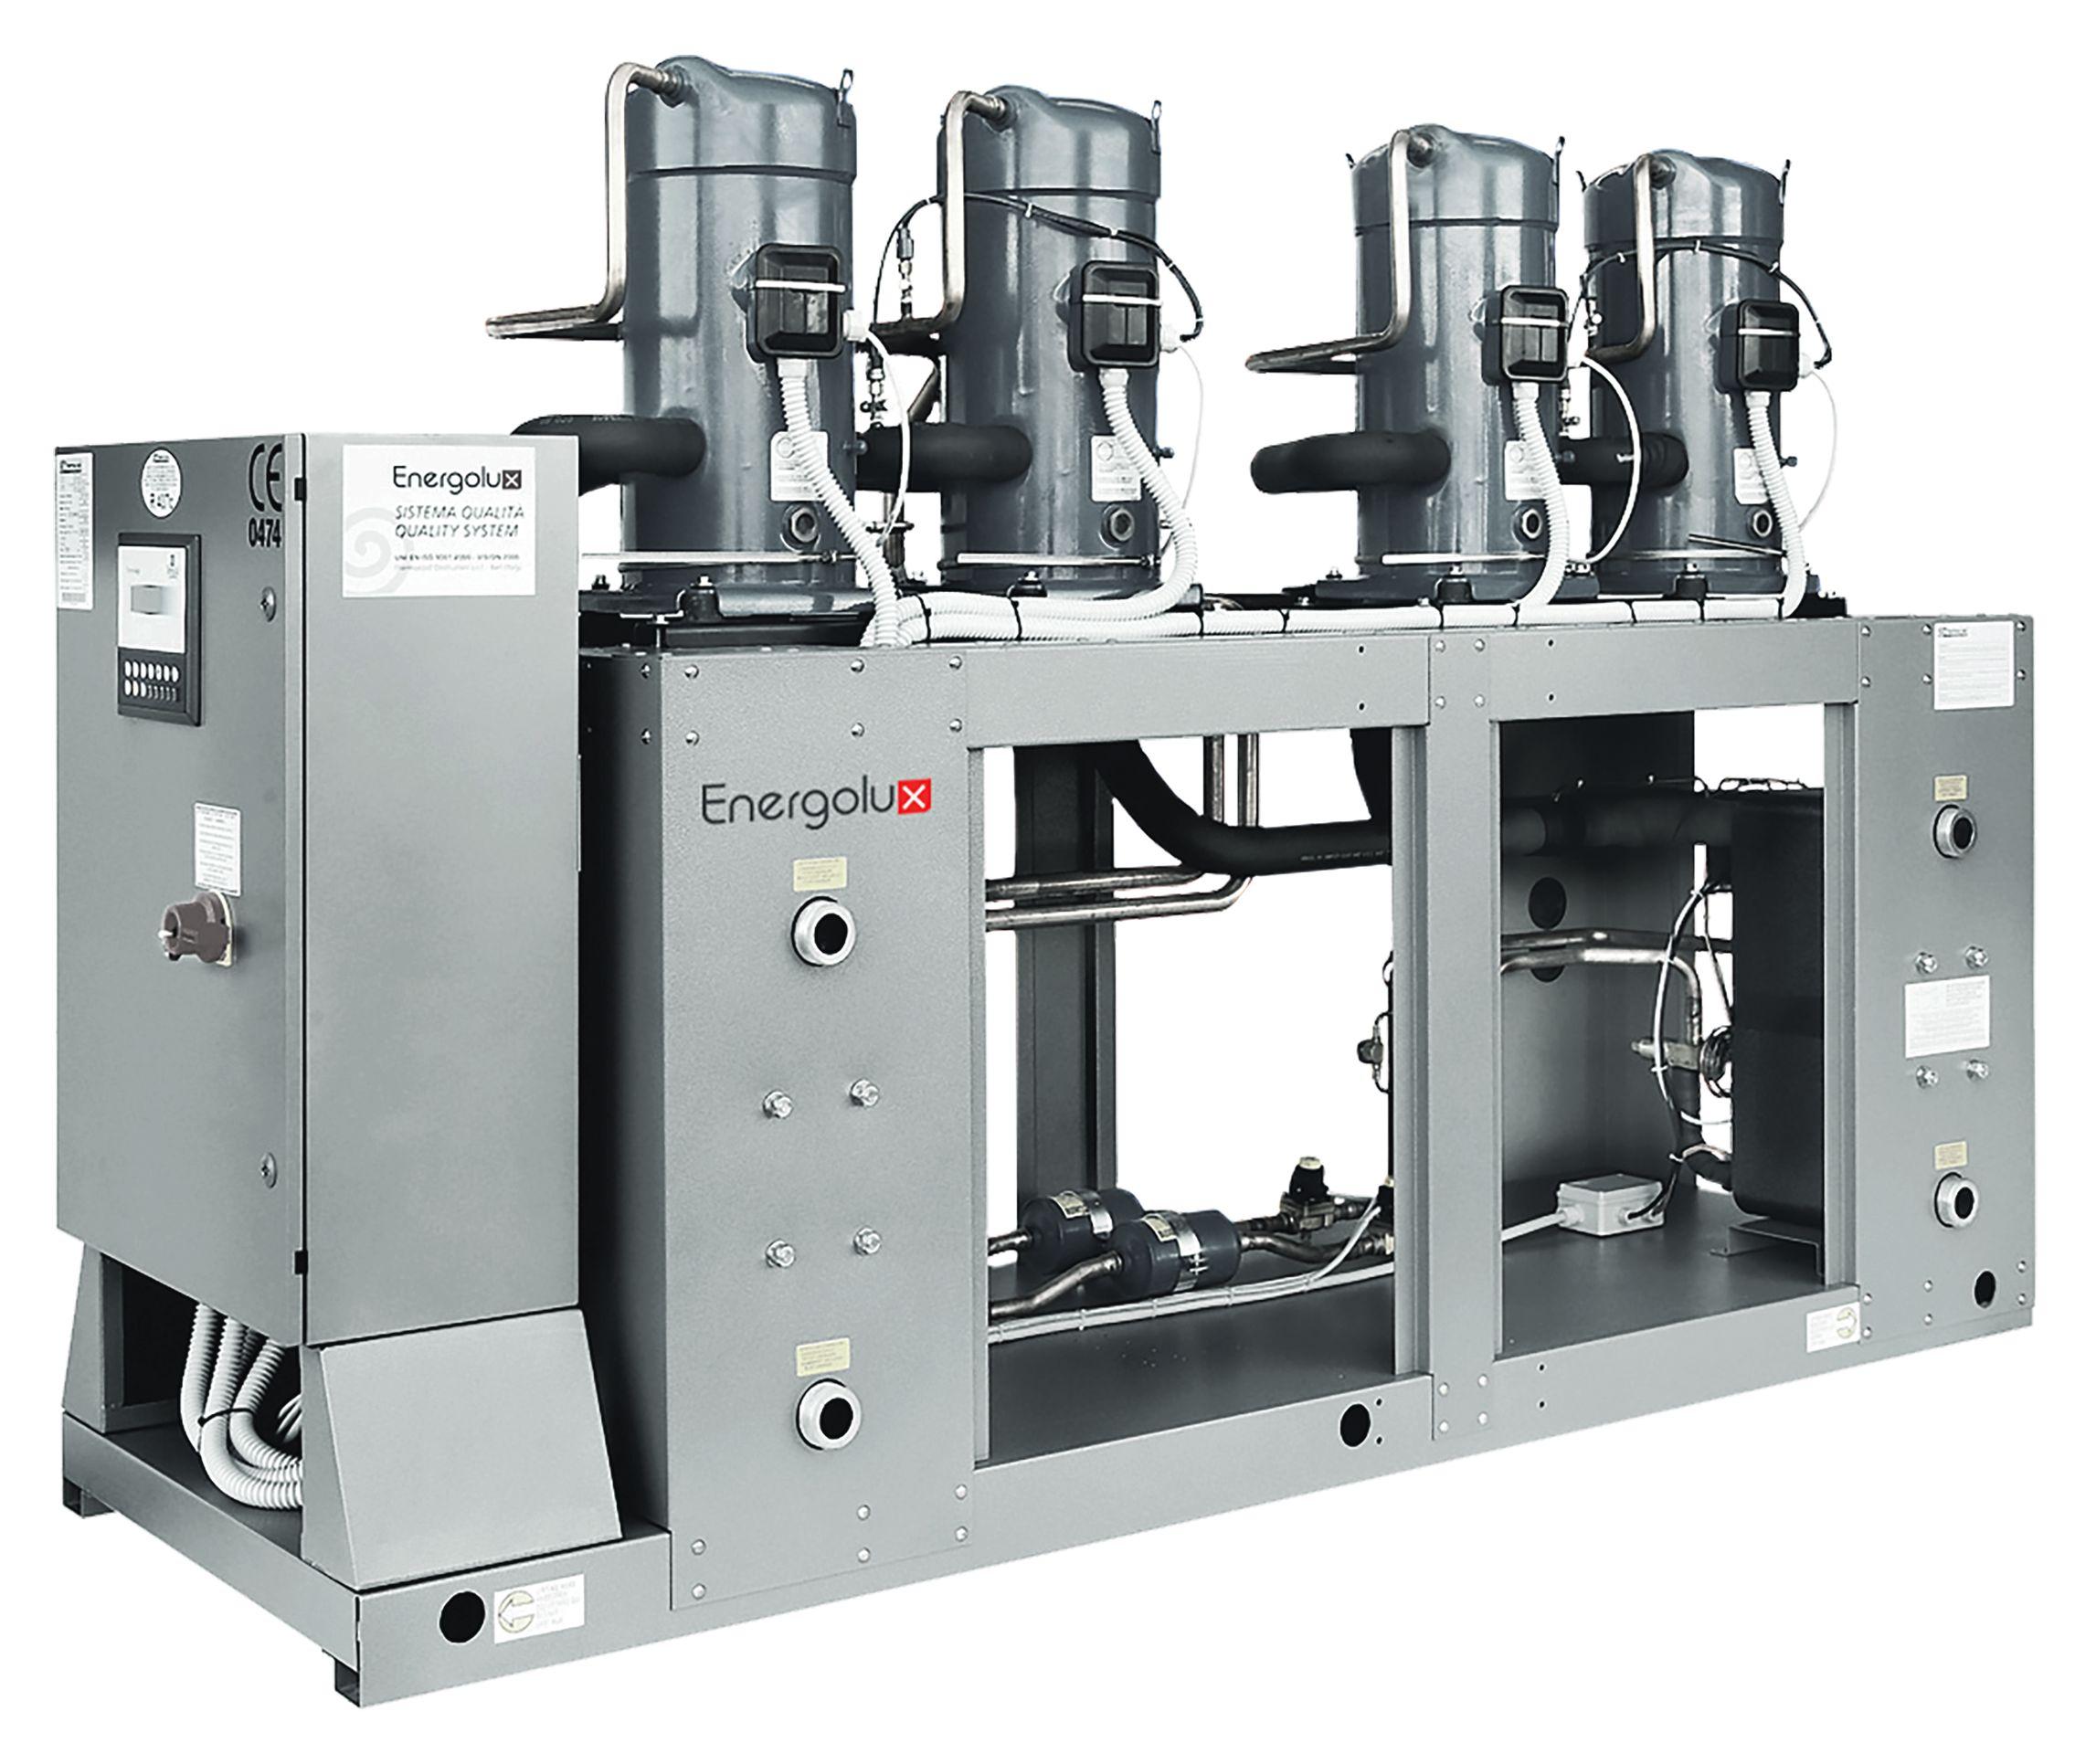 Energolux SCLW-T 155 Z